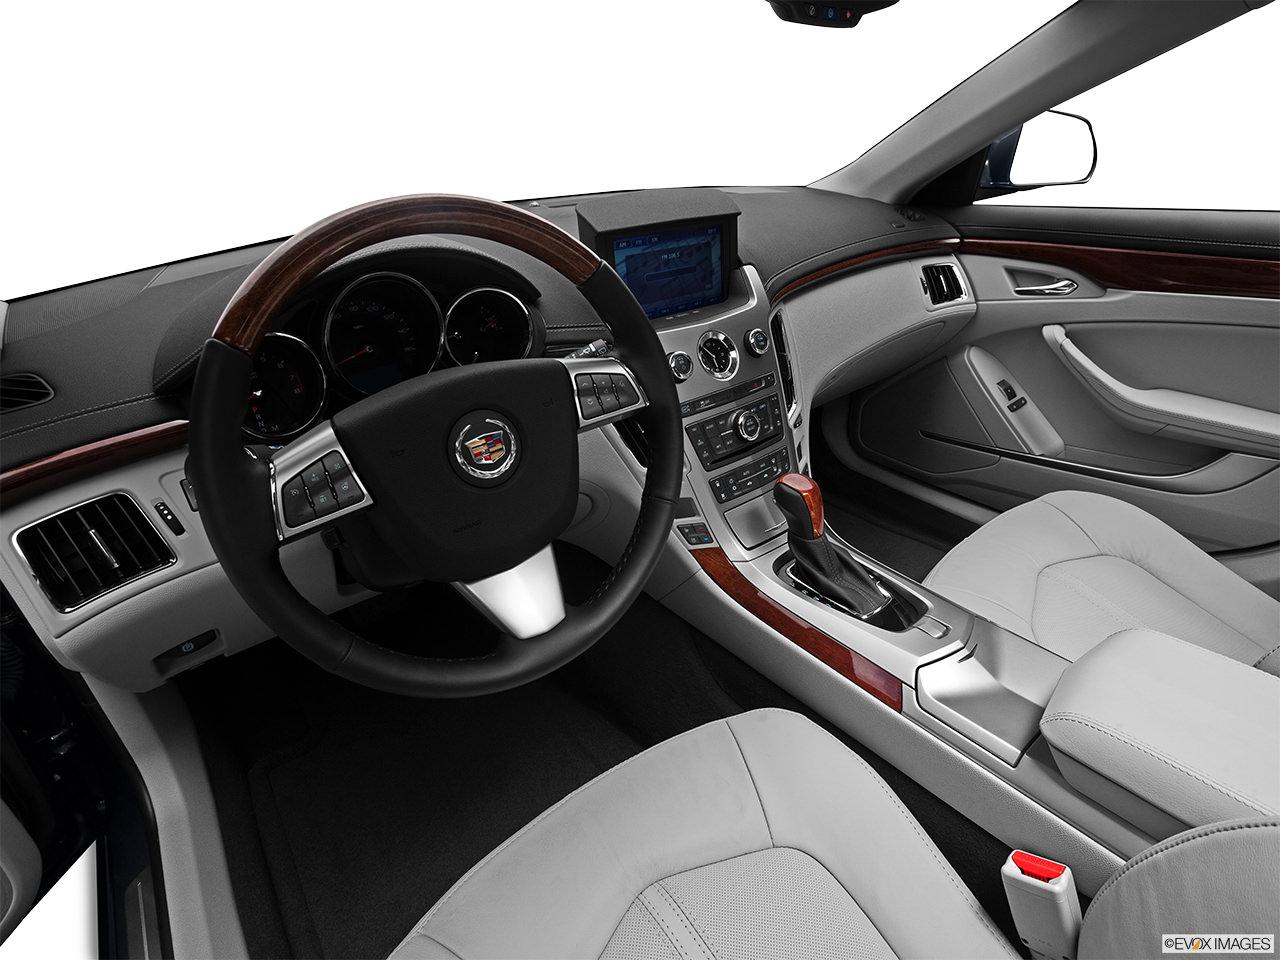 Cadillac CTS 2012 Interior